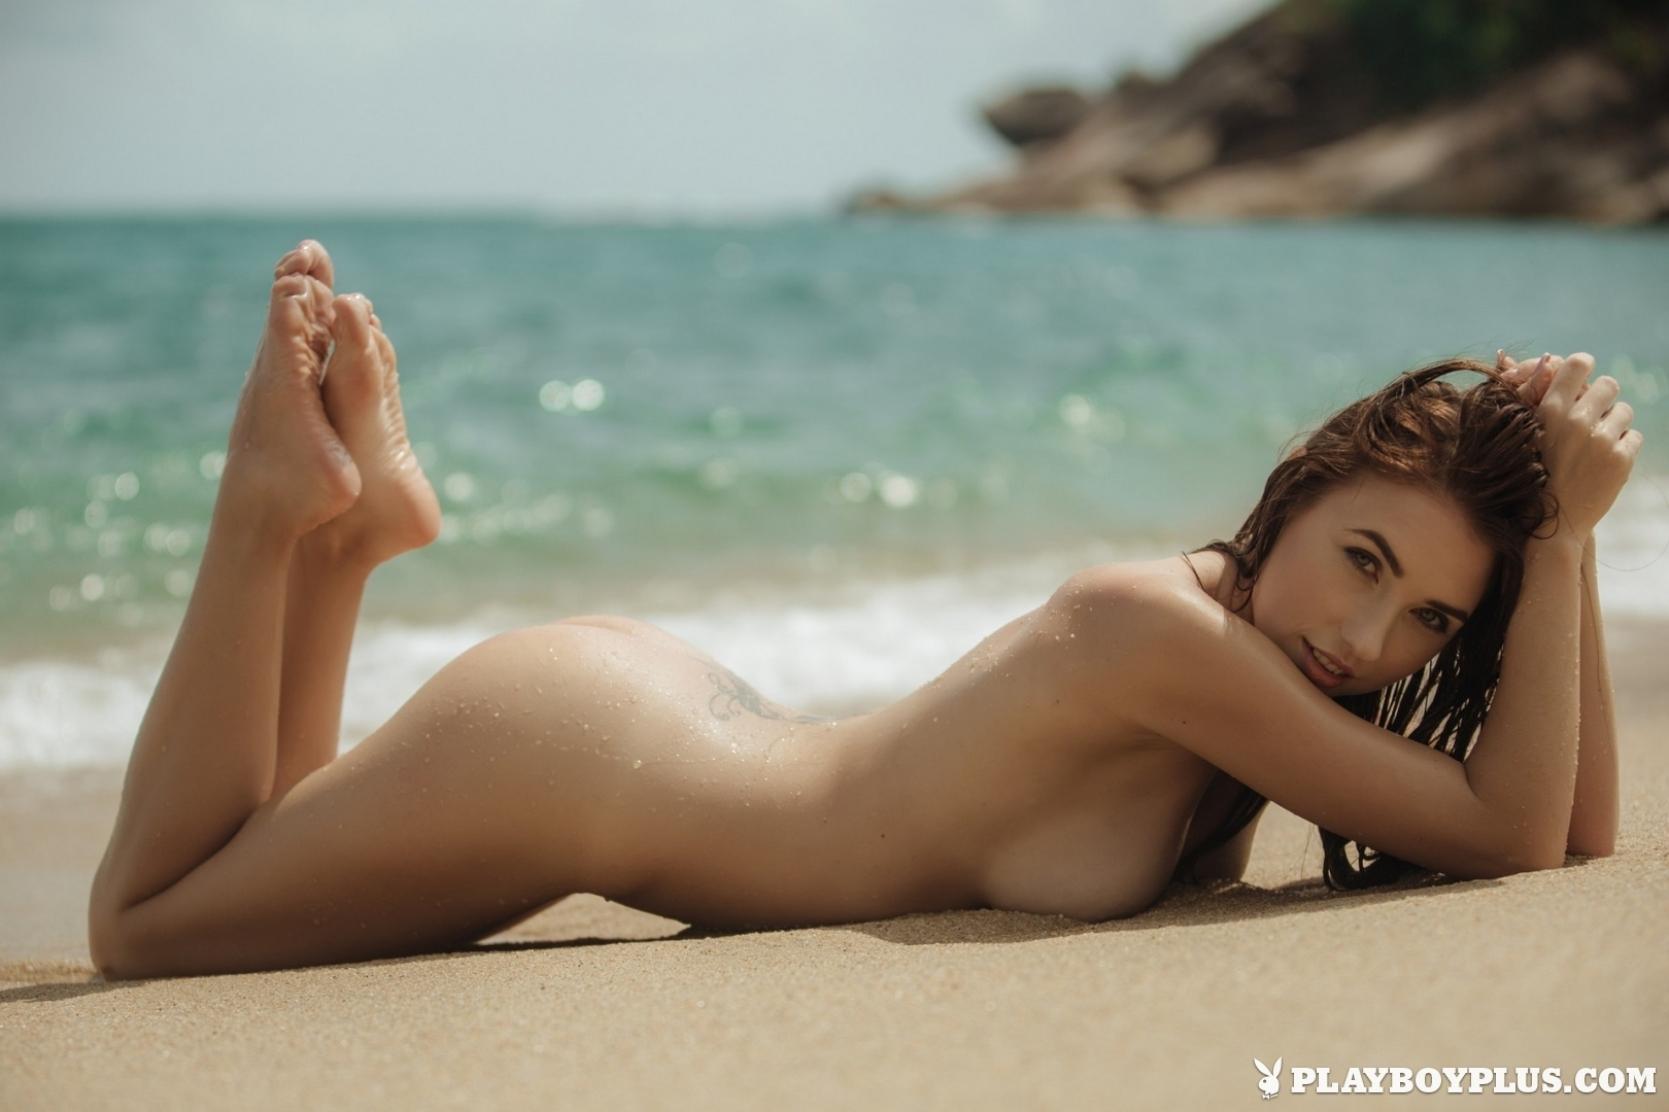 Playboy Plus | Niemira in Kicking up Sand 21